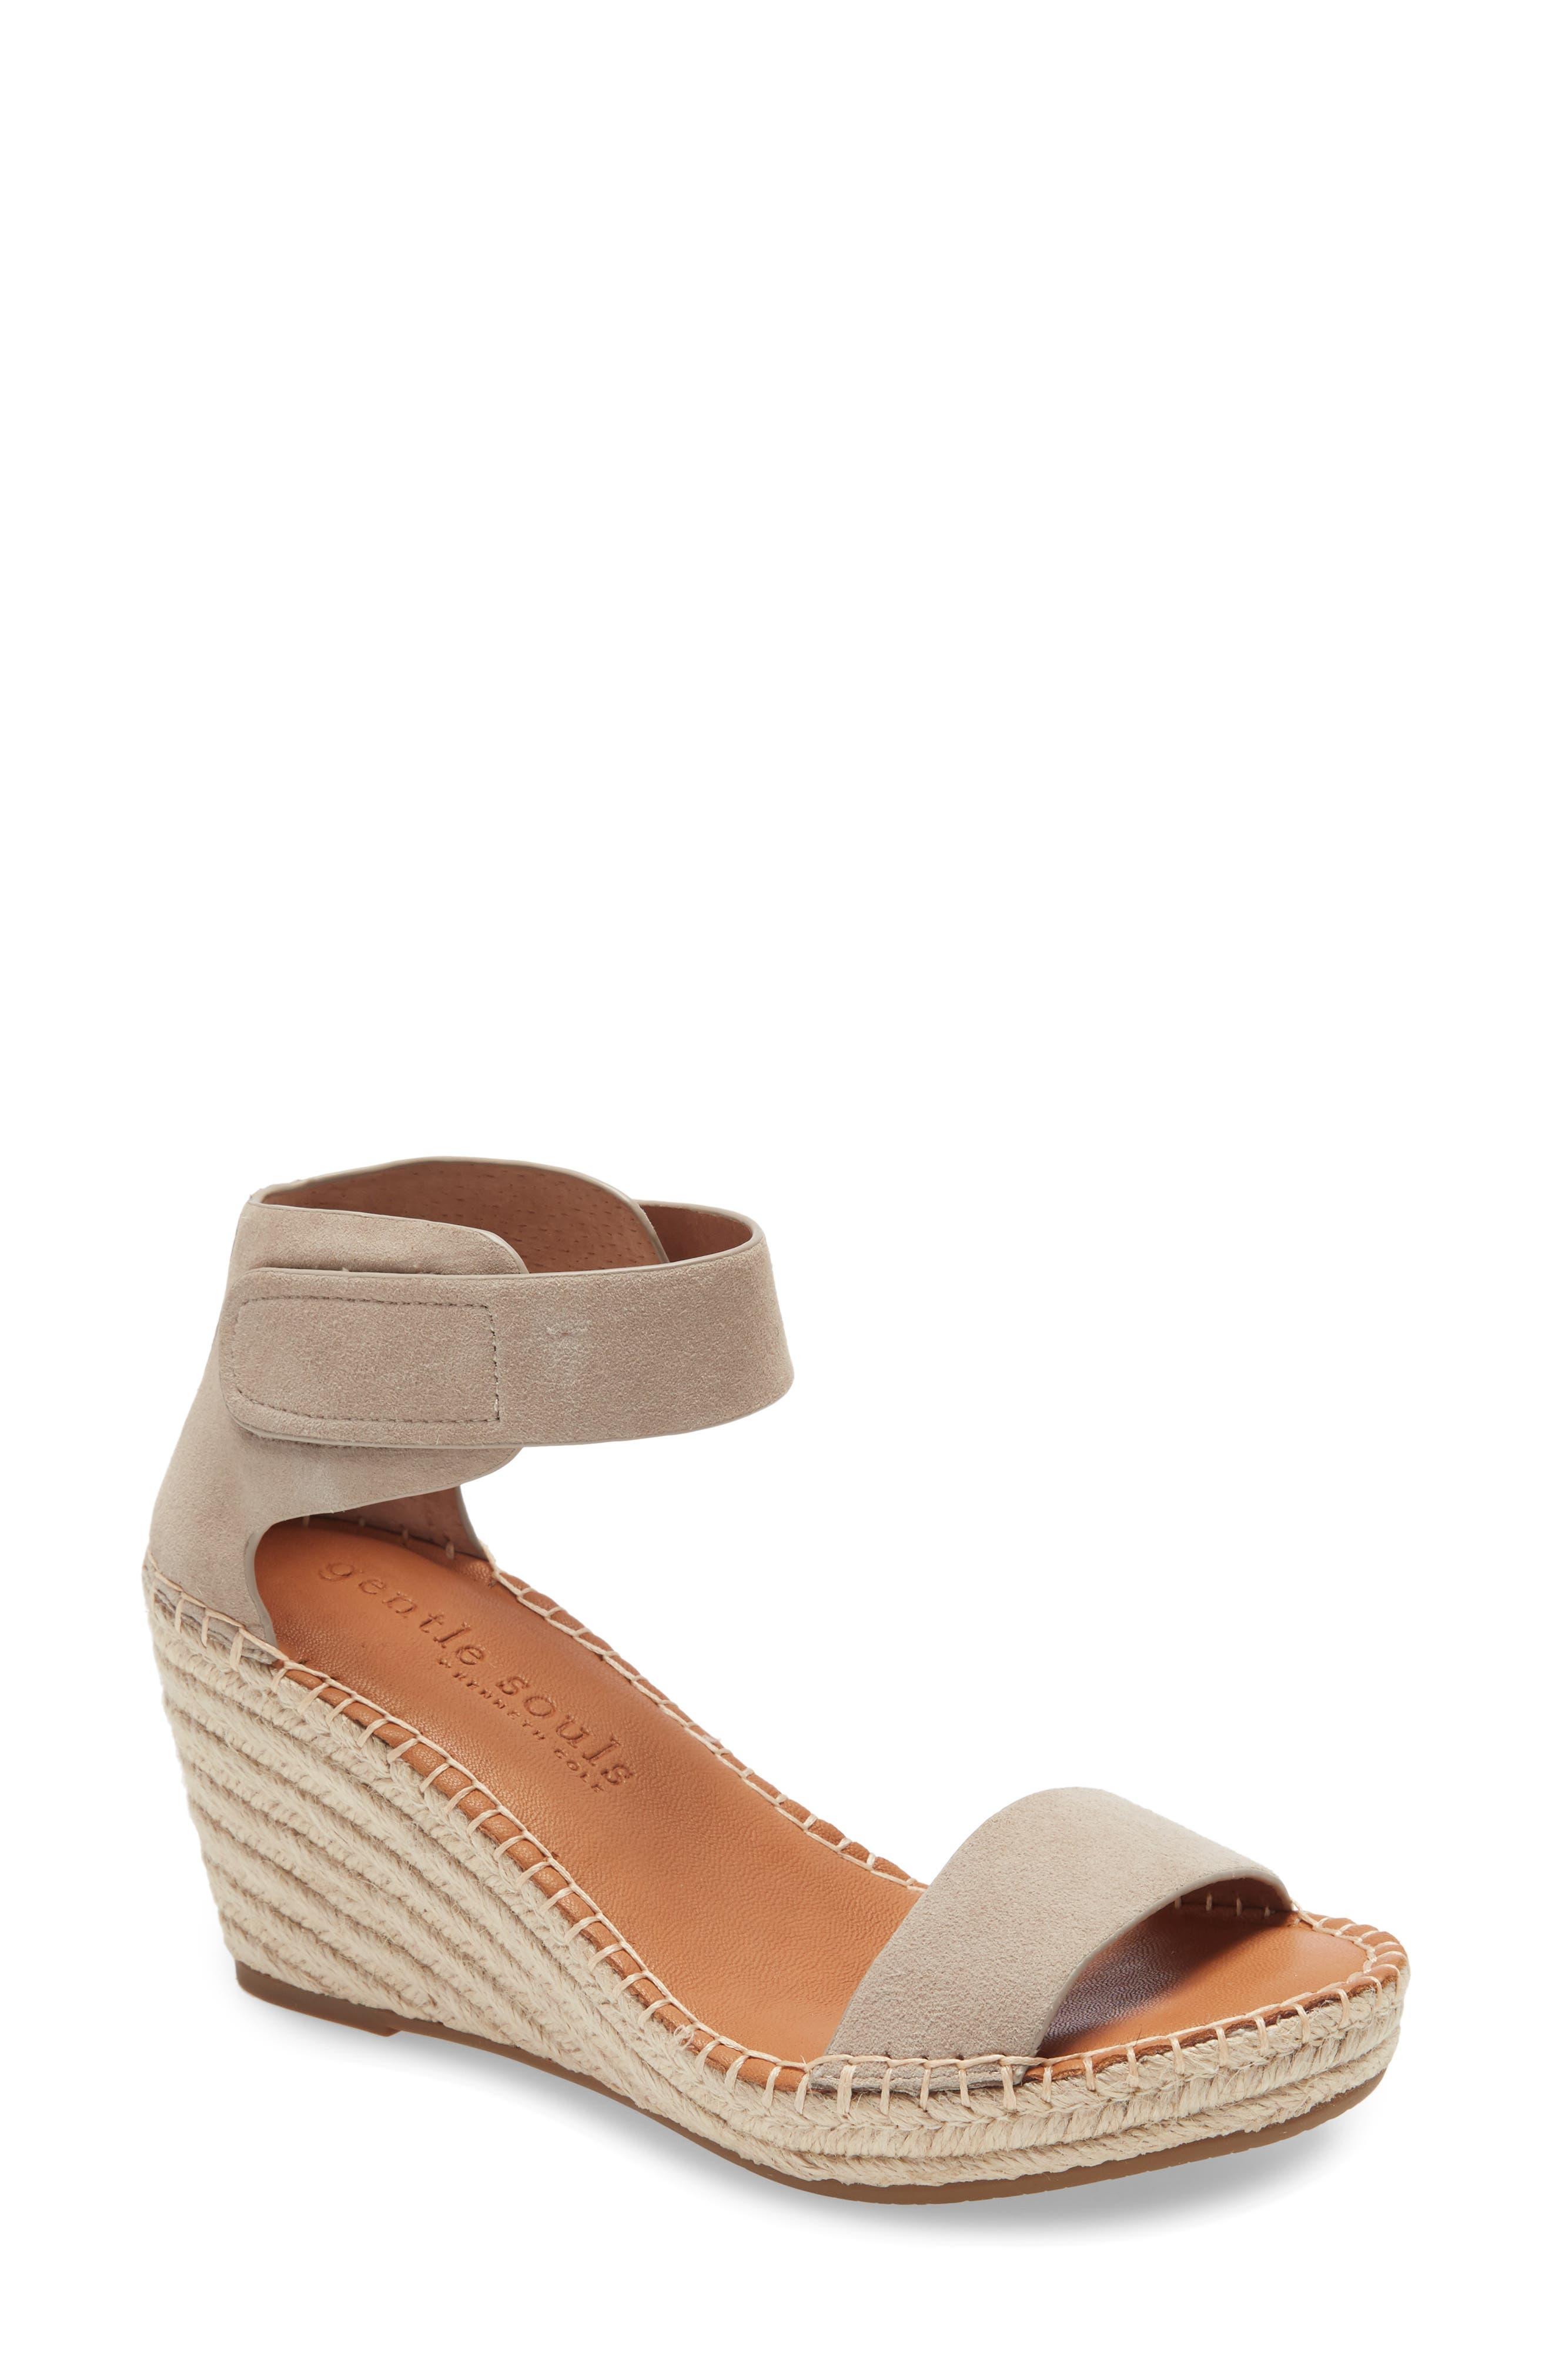 Charli Wedge Sandal